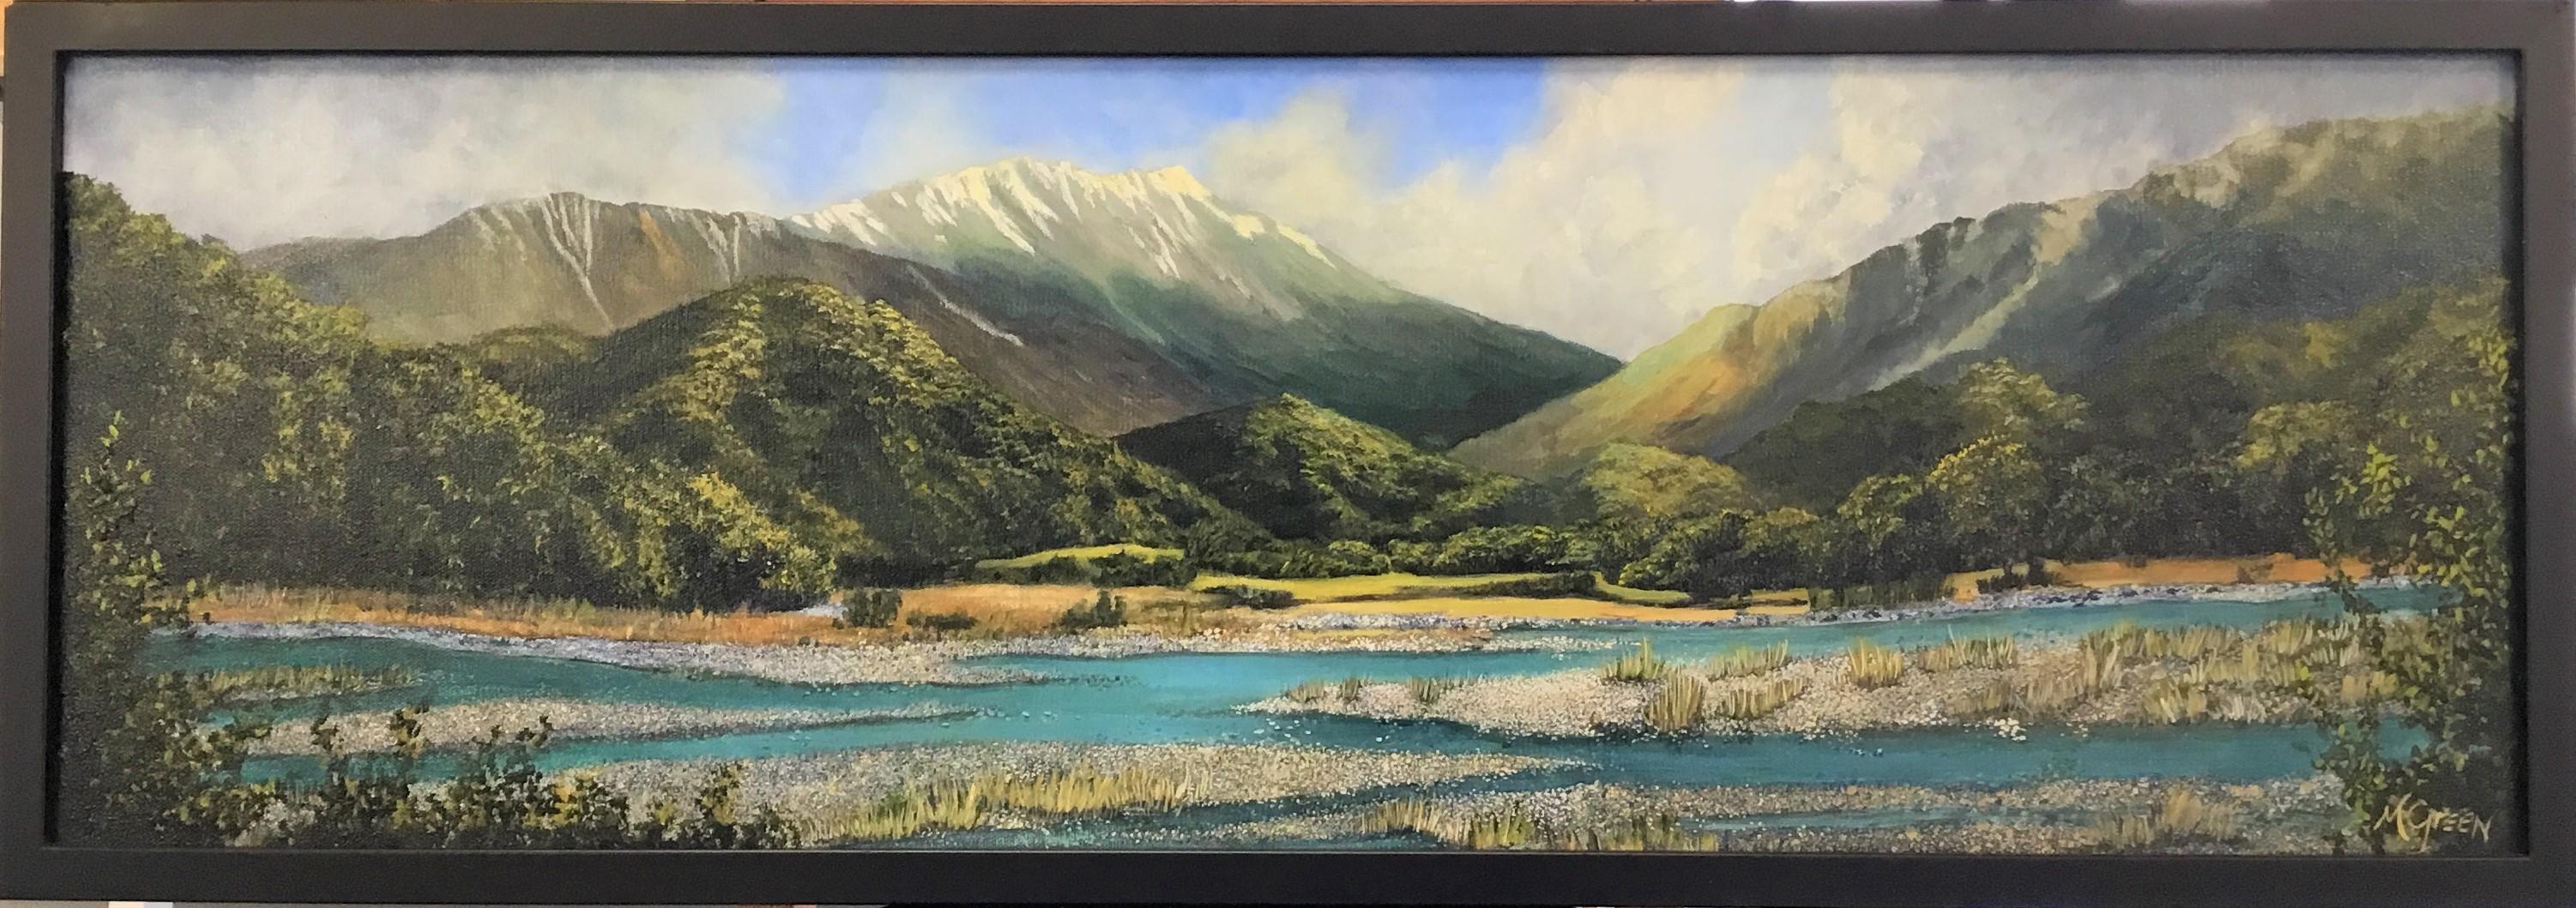 Coast Acrylic On Canvas Framed